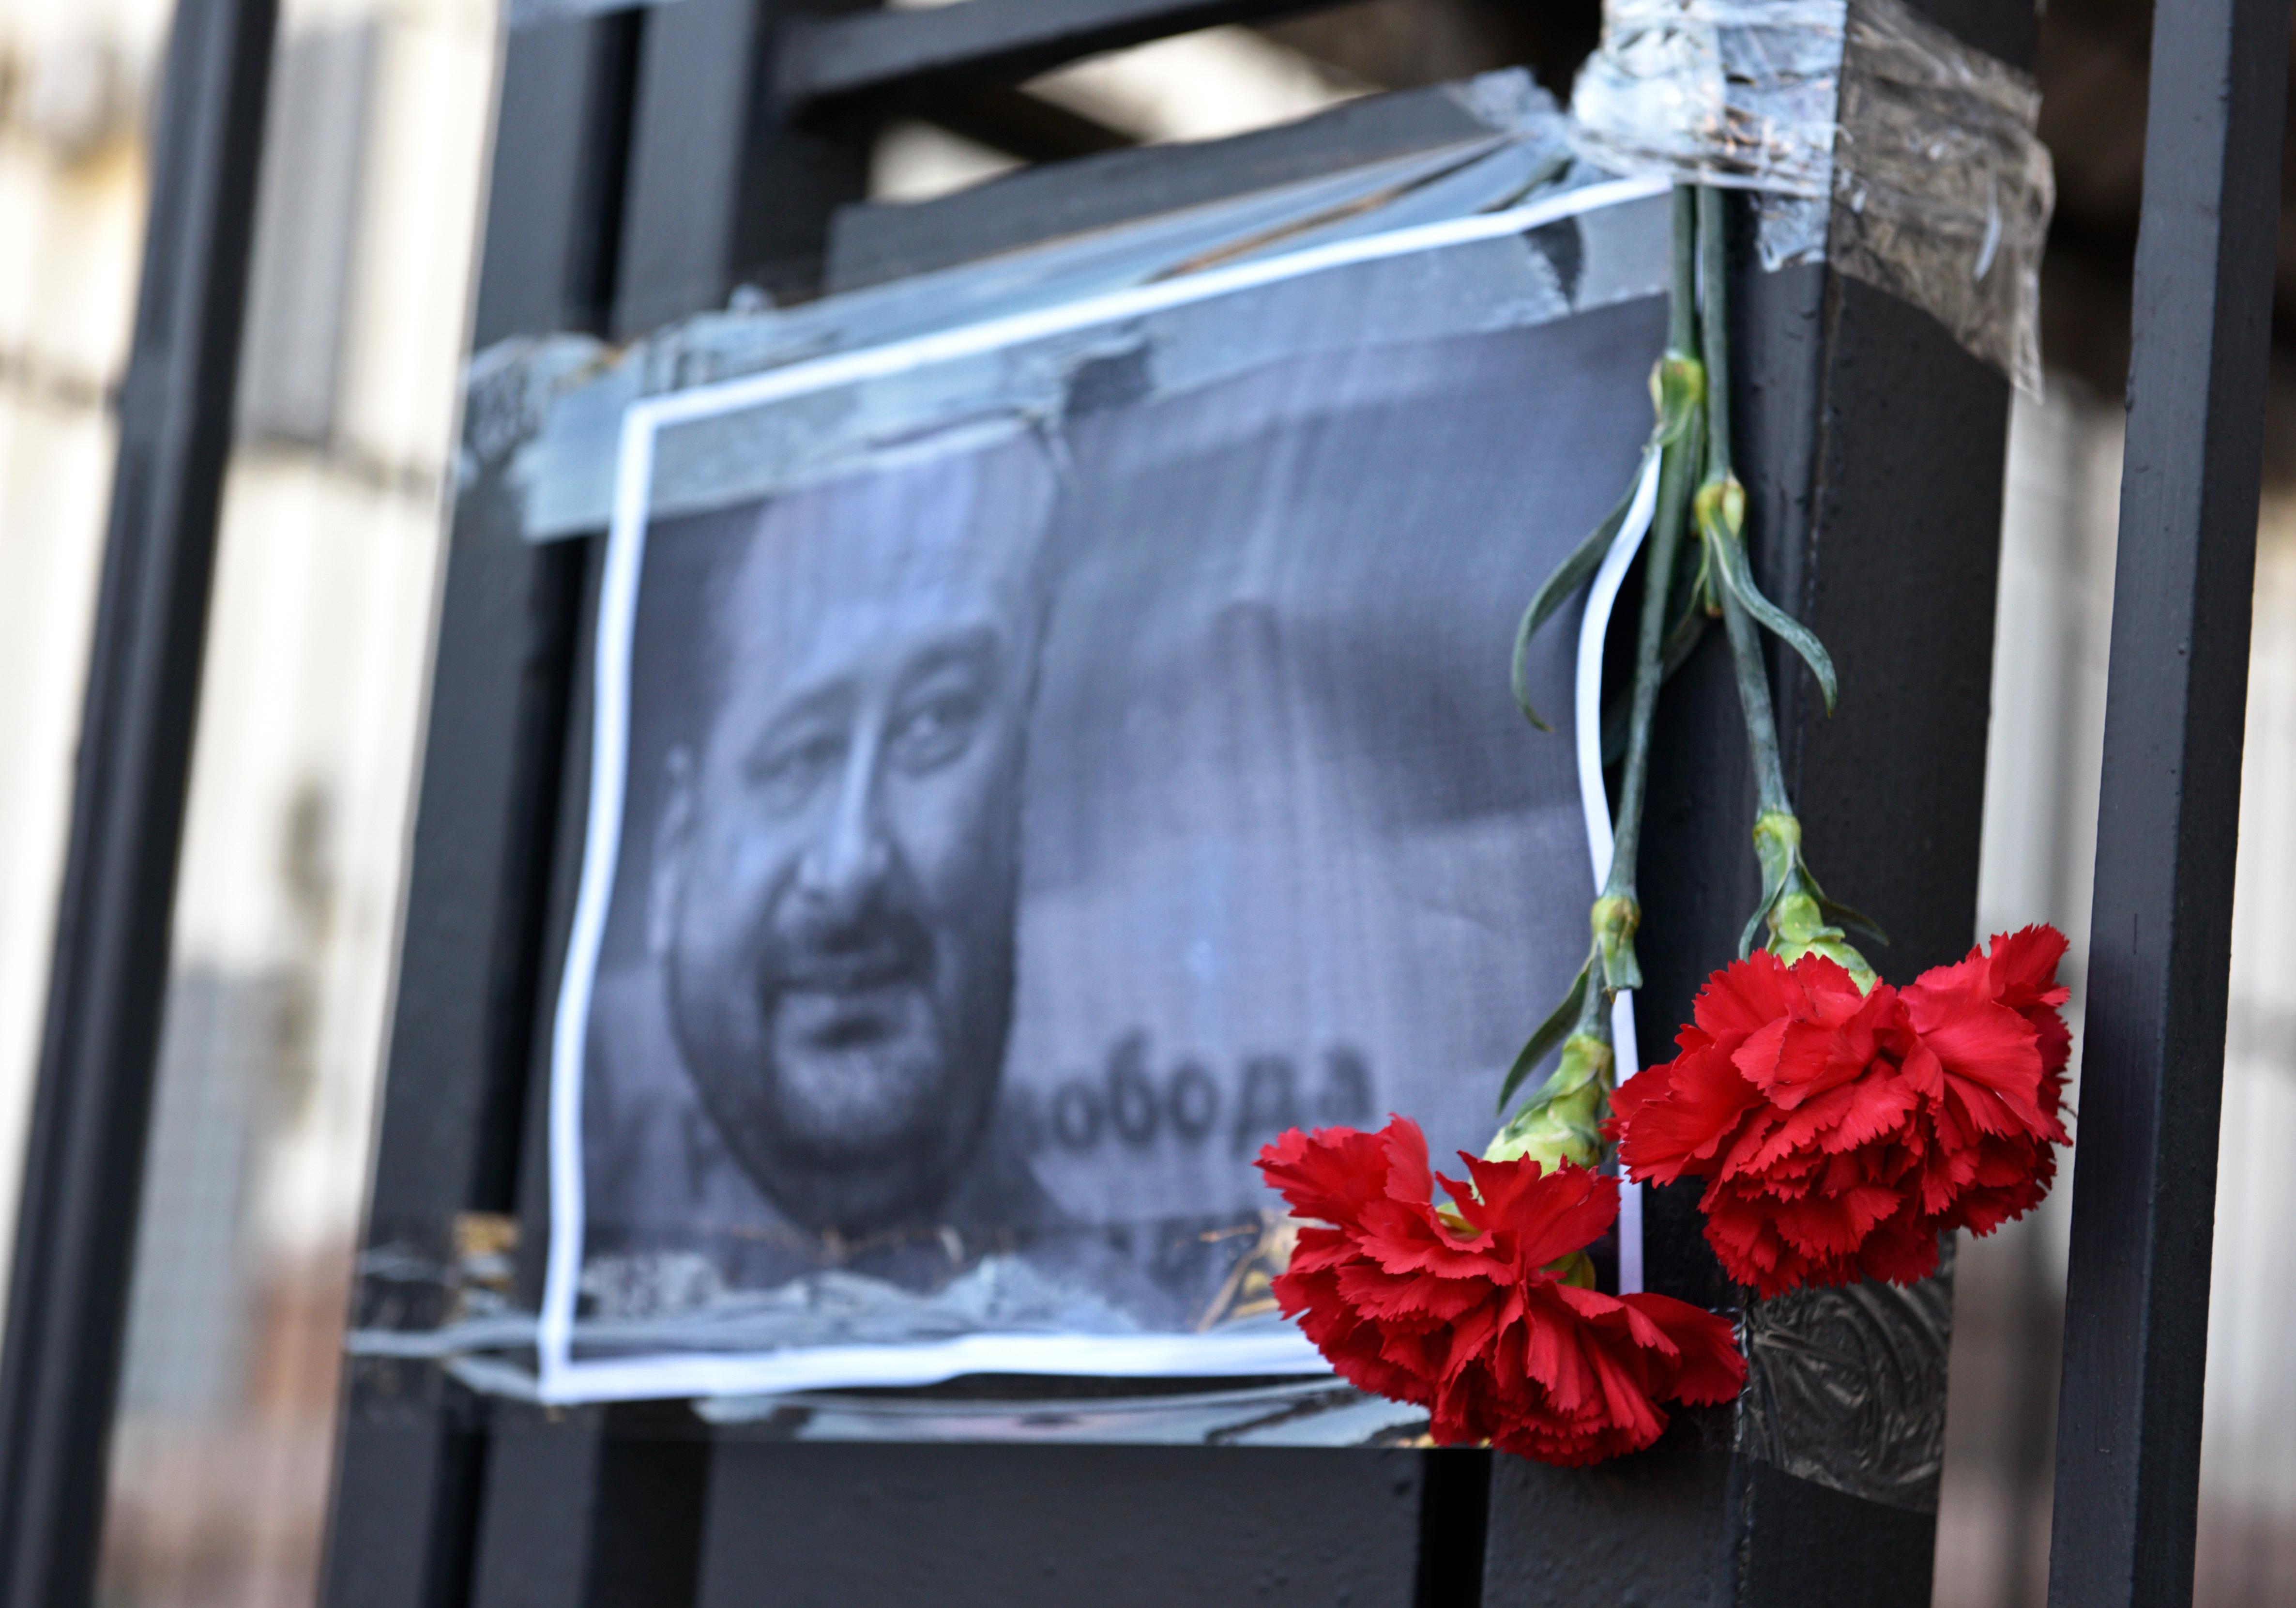 Életben van az orosz újságíró, akinek a halálhíre tegnap óta bejárta a világsajtót